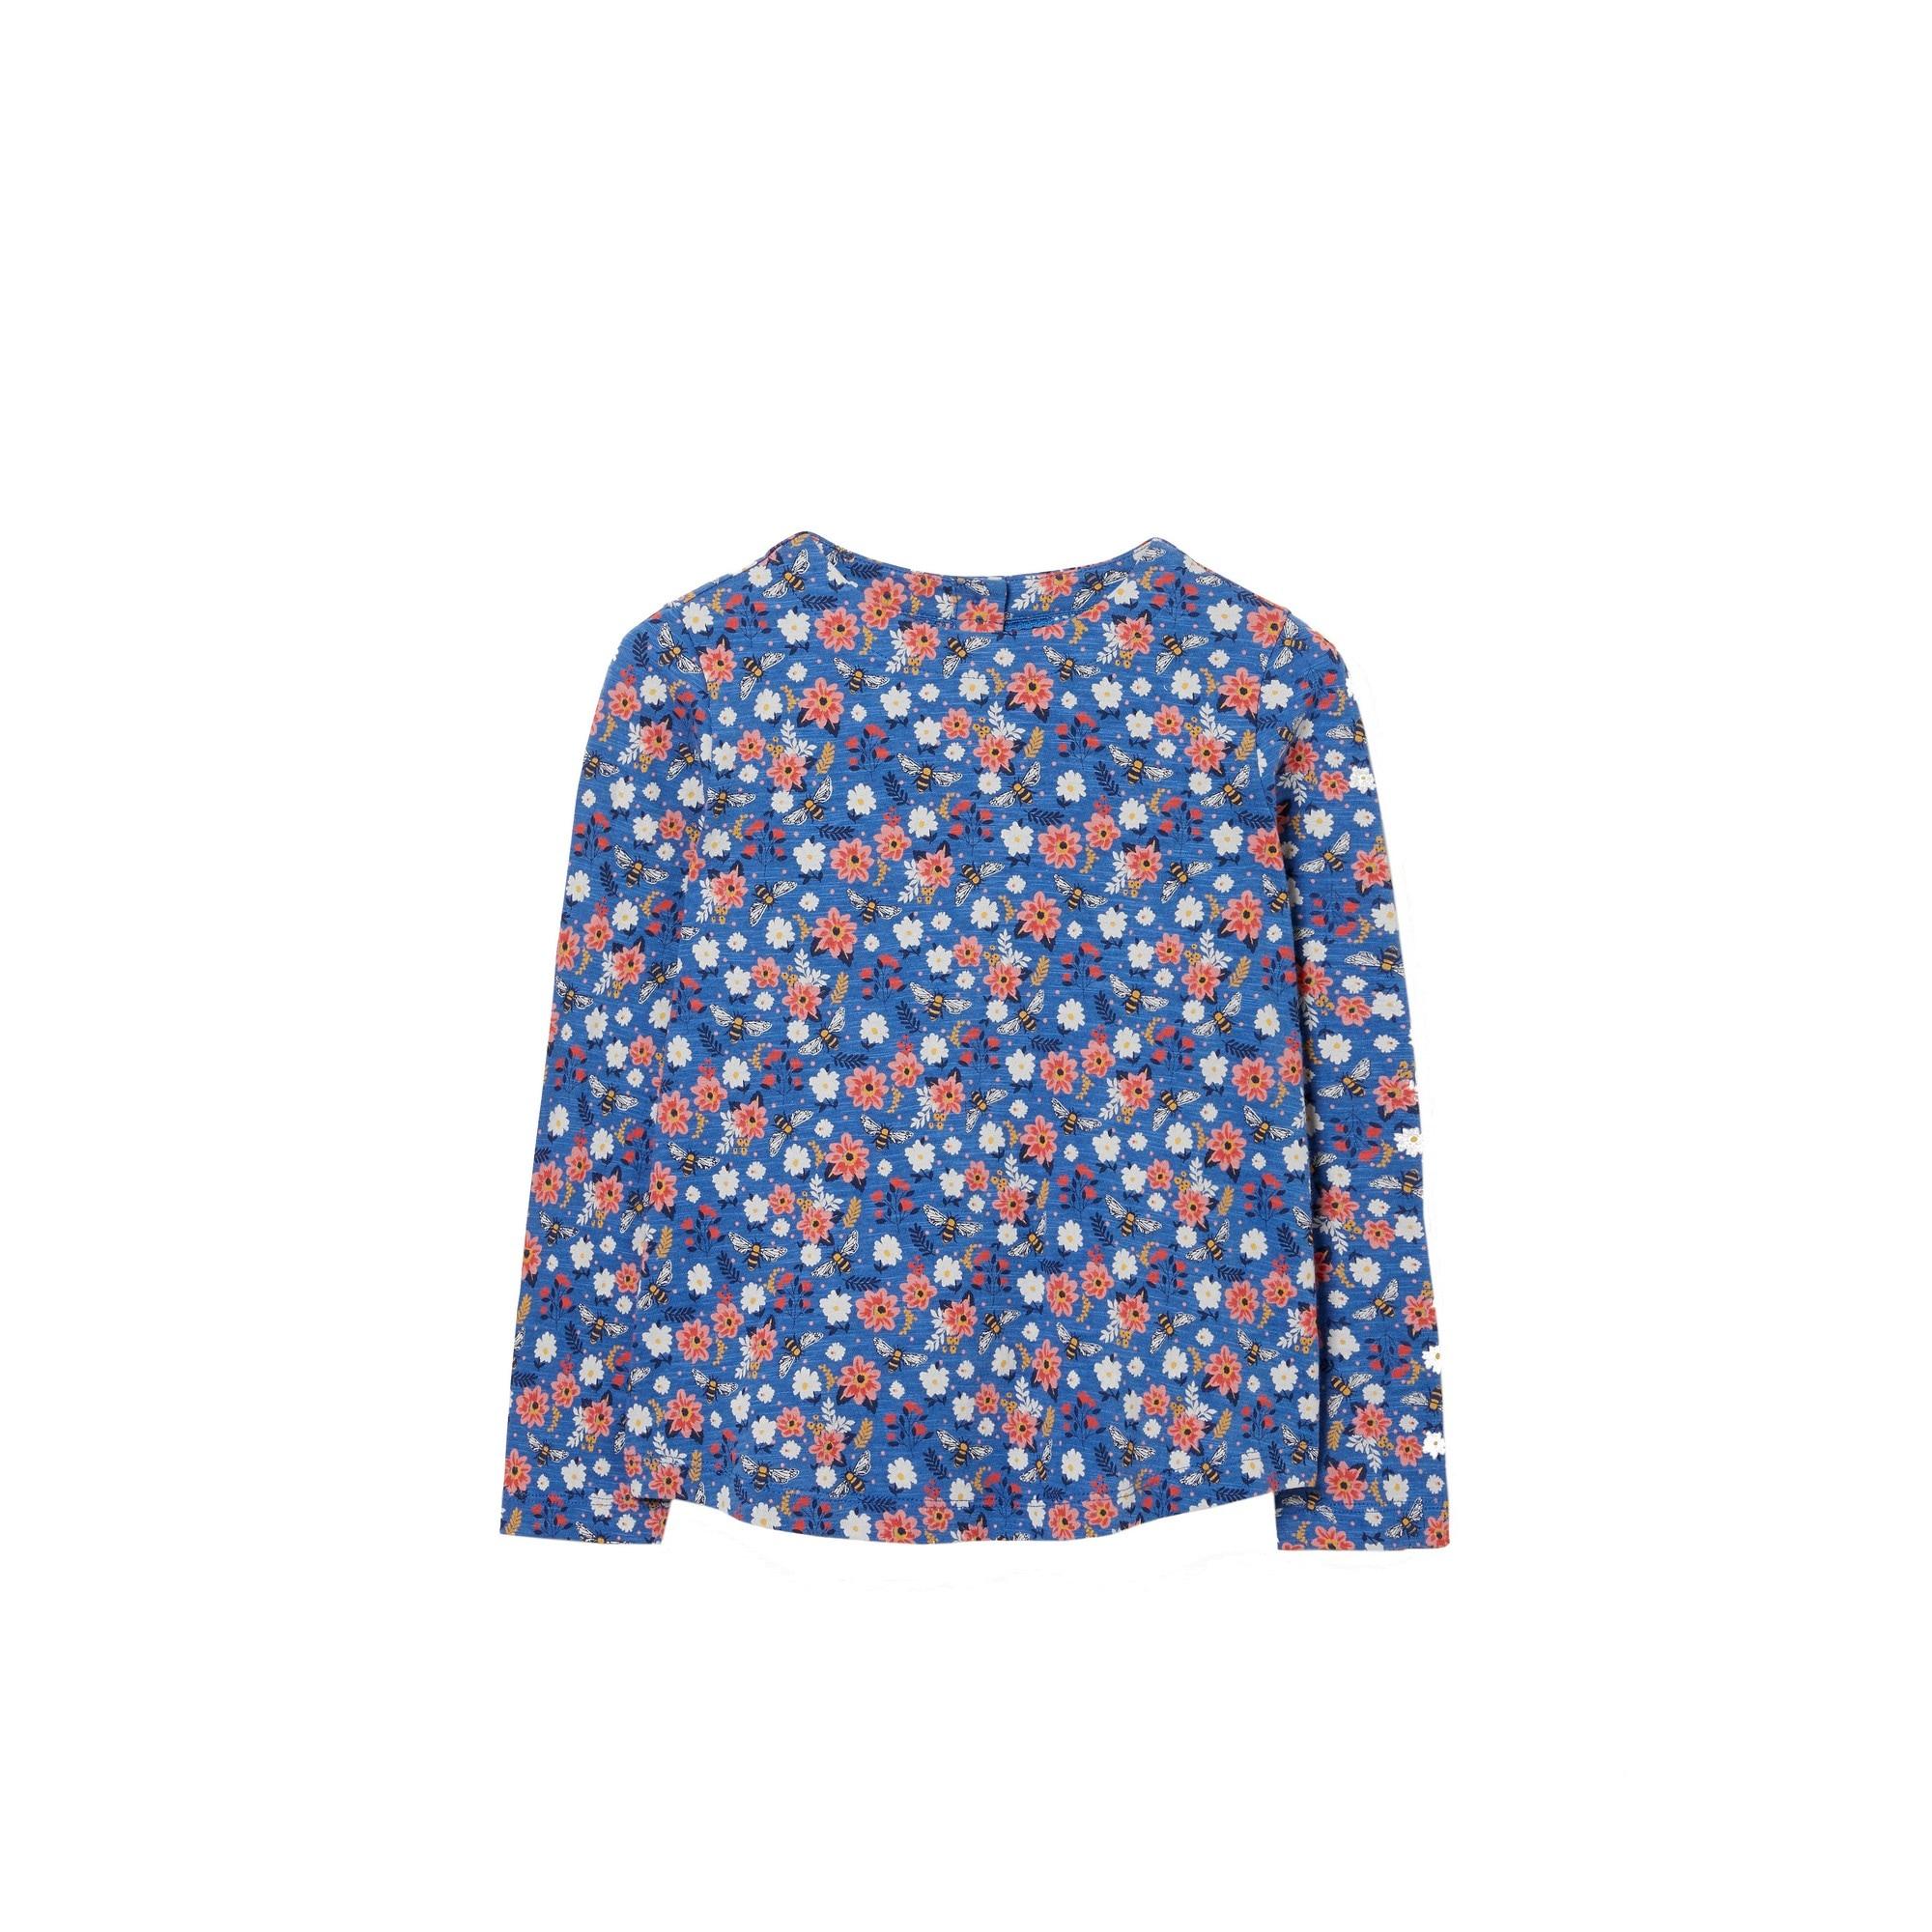 Image of FatFace Langarmshirt »Kinder / Mädchen mit Bienenmuster und Knopf-Details«